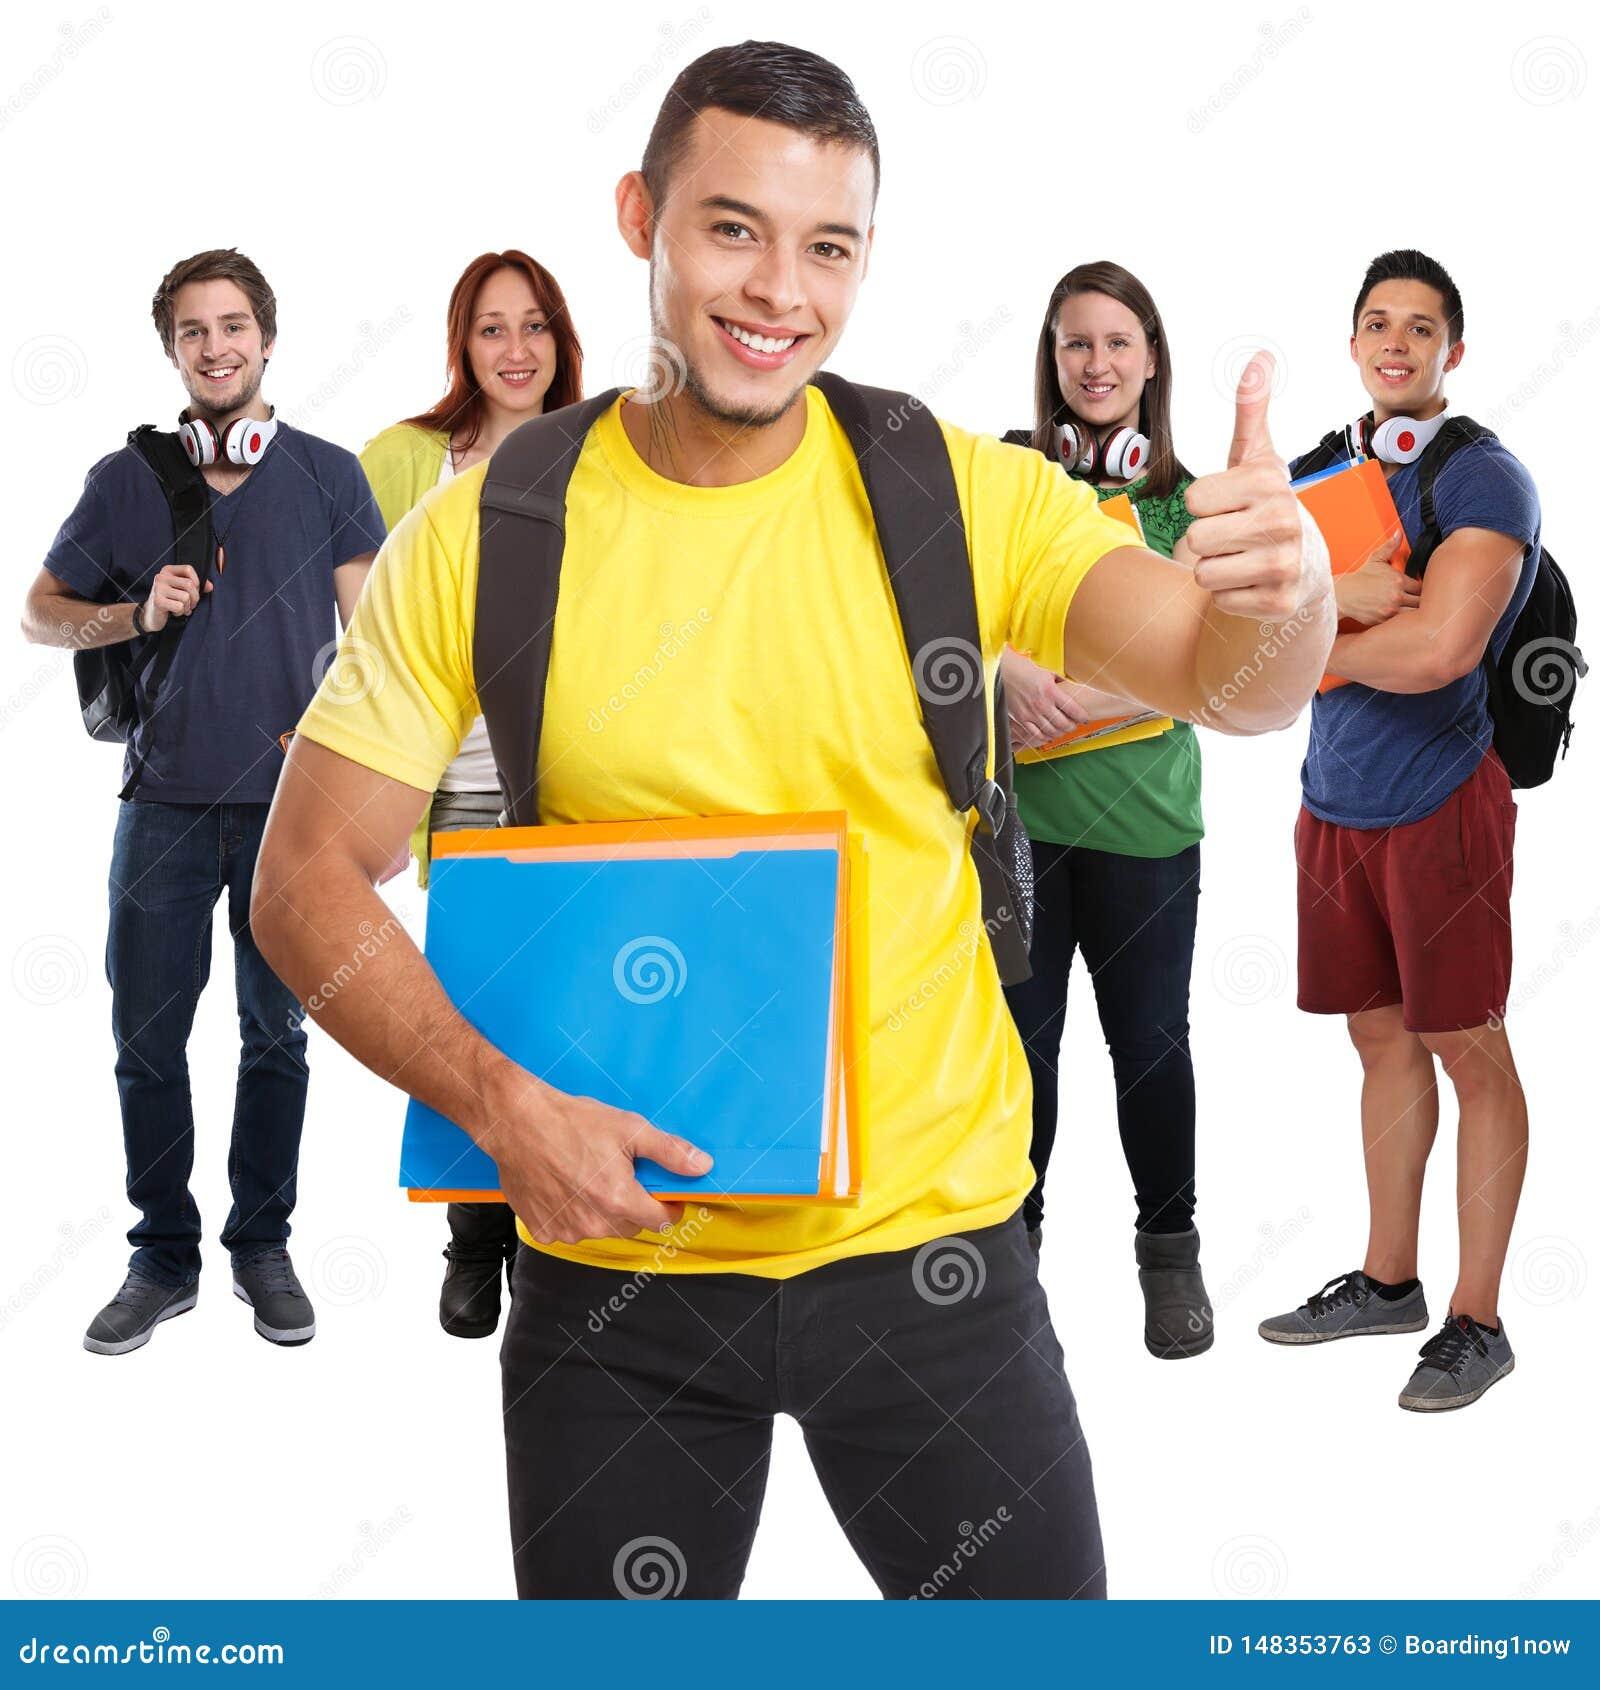 Ομάδα επιτυχών αντίχειρων επιτυχίας σπουδαστών που χαμογελούν επάνω τους τετραγωνικούς ανθρώπους που απομονώνονται στο λευκό